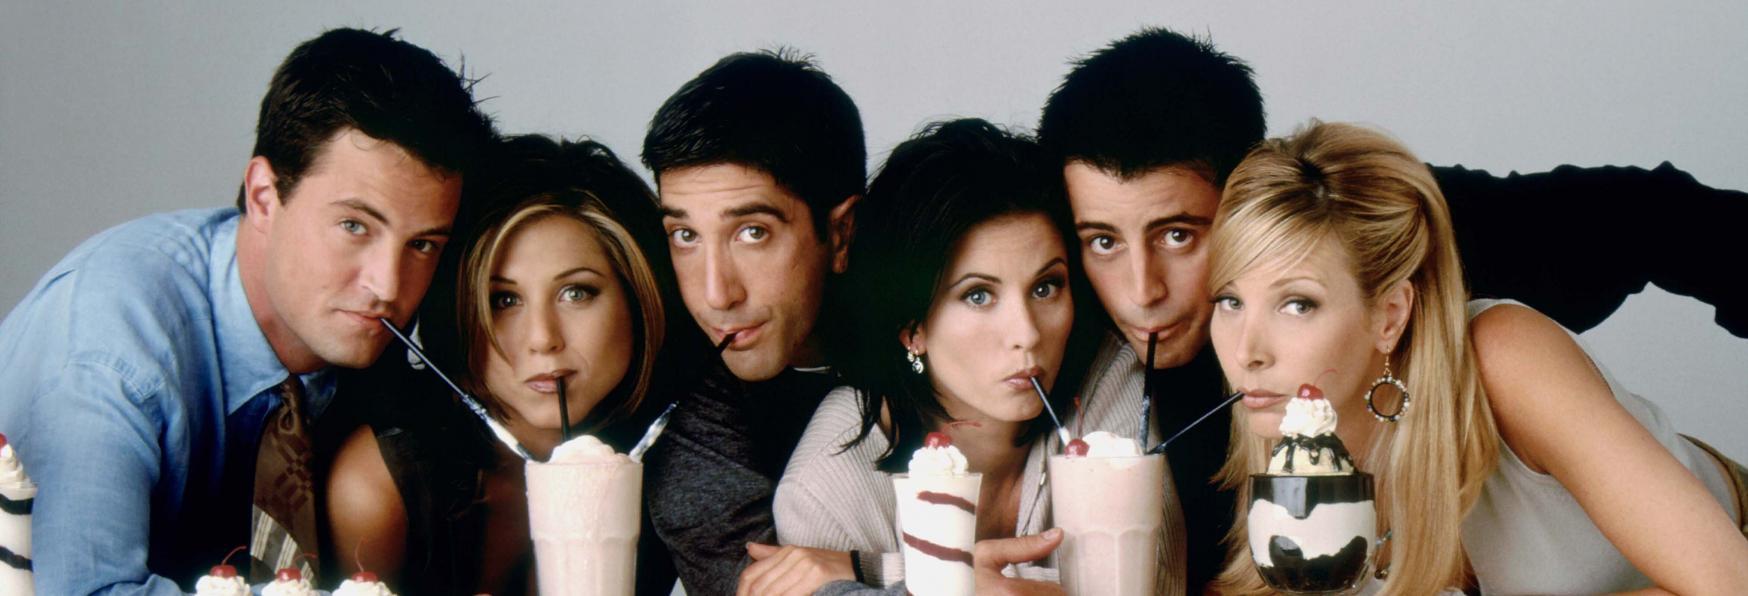 Friends: HBO Max annuncia la Fine delle Riprese dell'attesissima Reunion